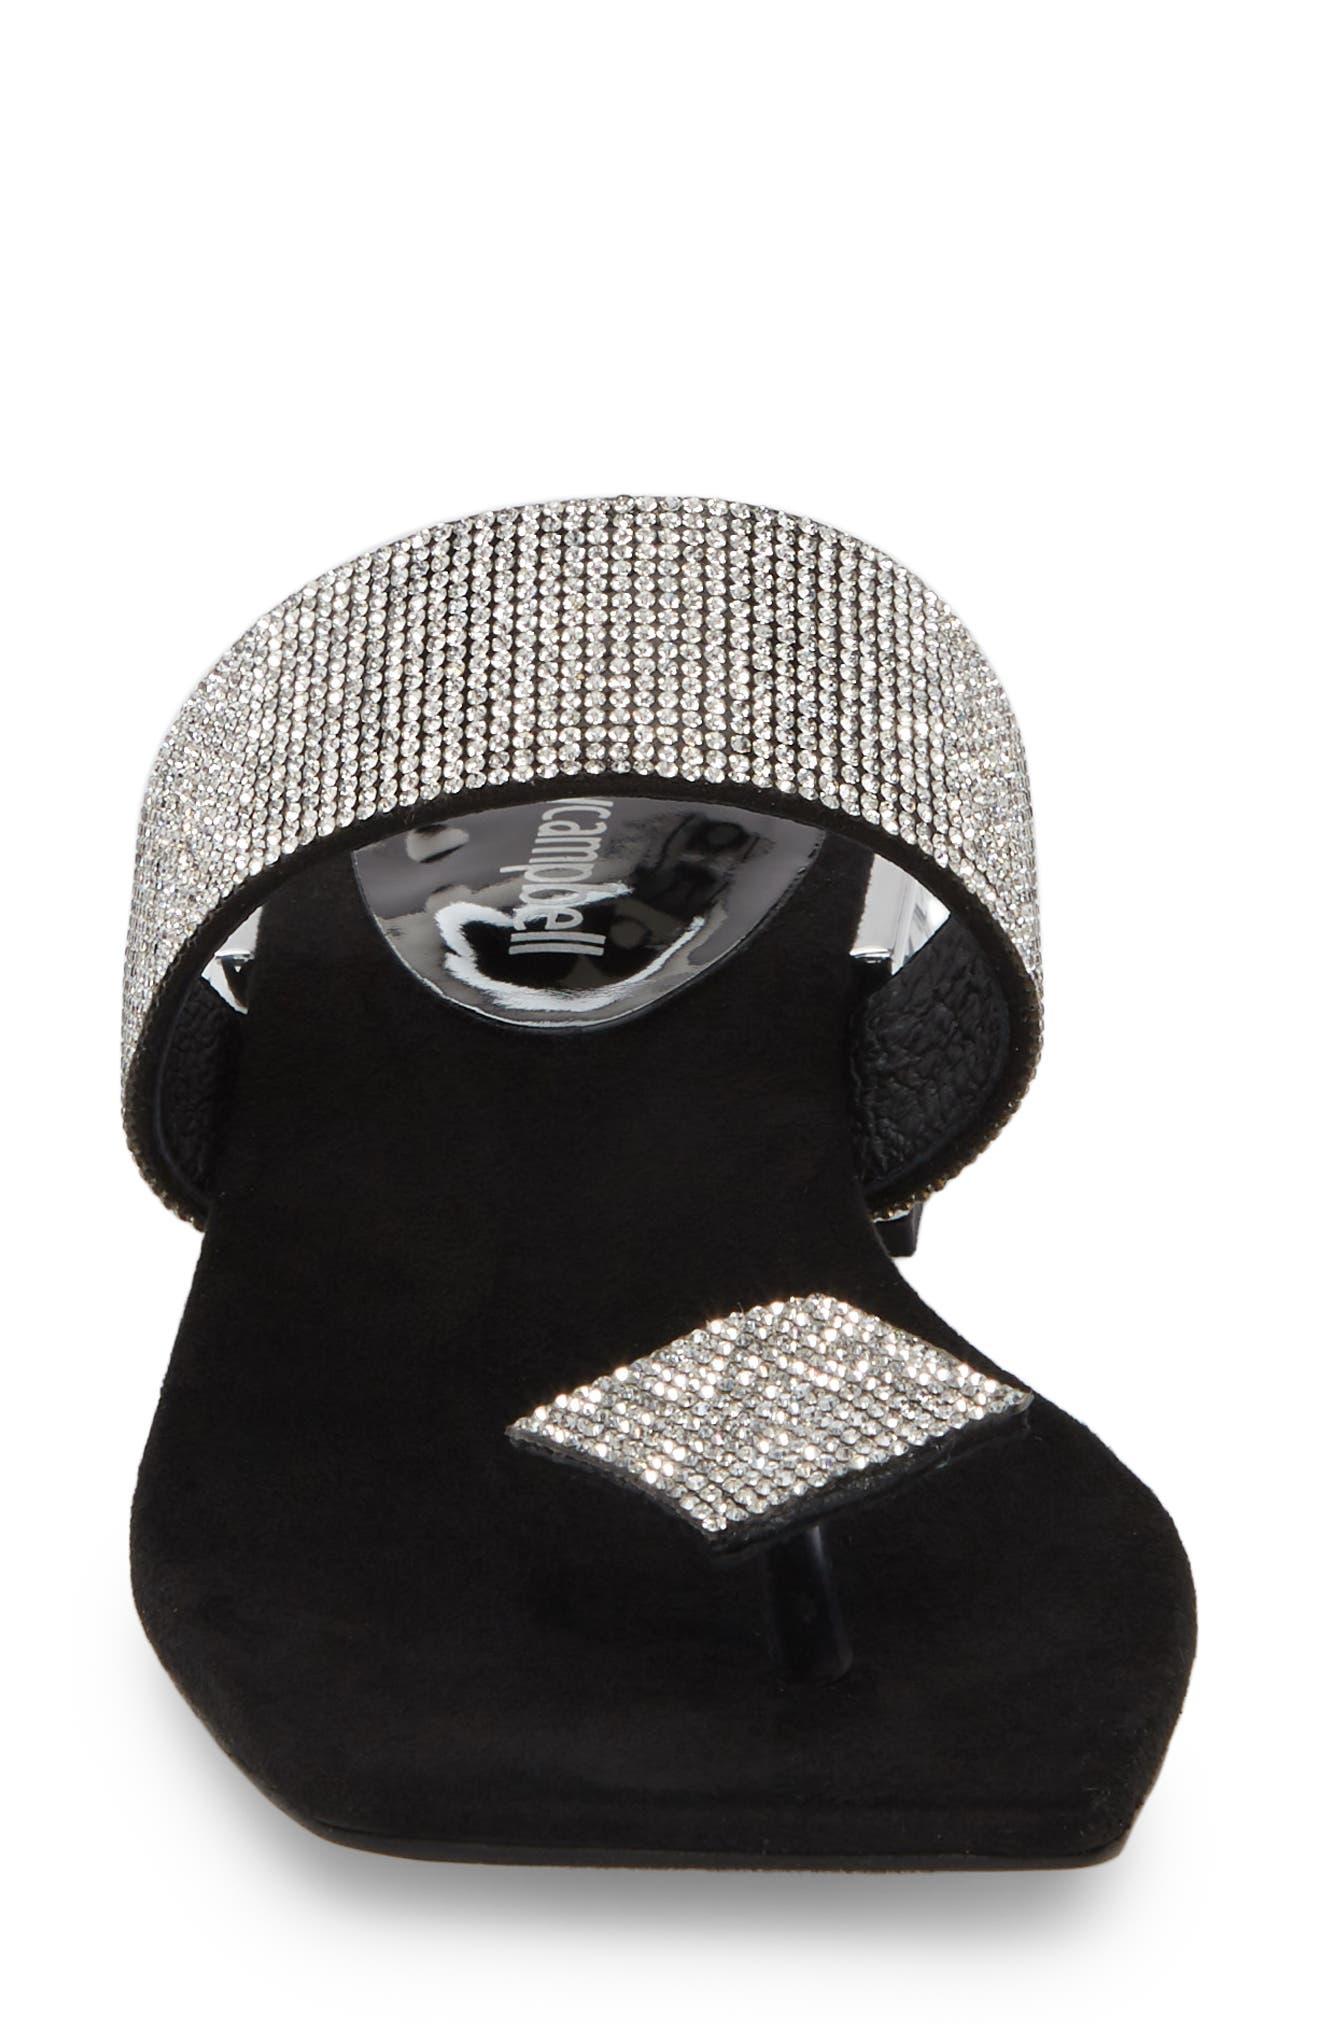 JEFFREY CAMPBELL, Alise Embellished Sandal, Alternate thumbnail 4, color, BLACK SUEDE/ SILVER